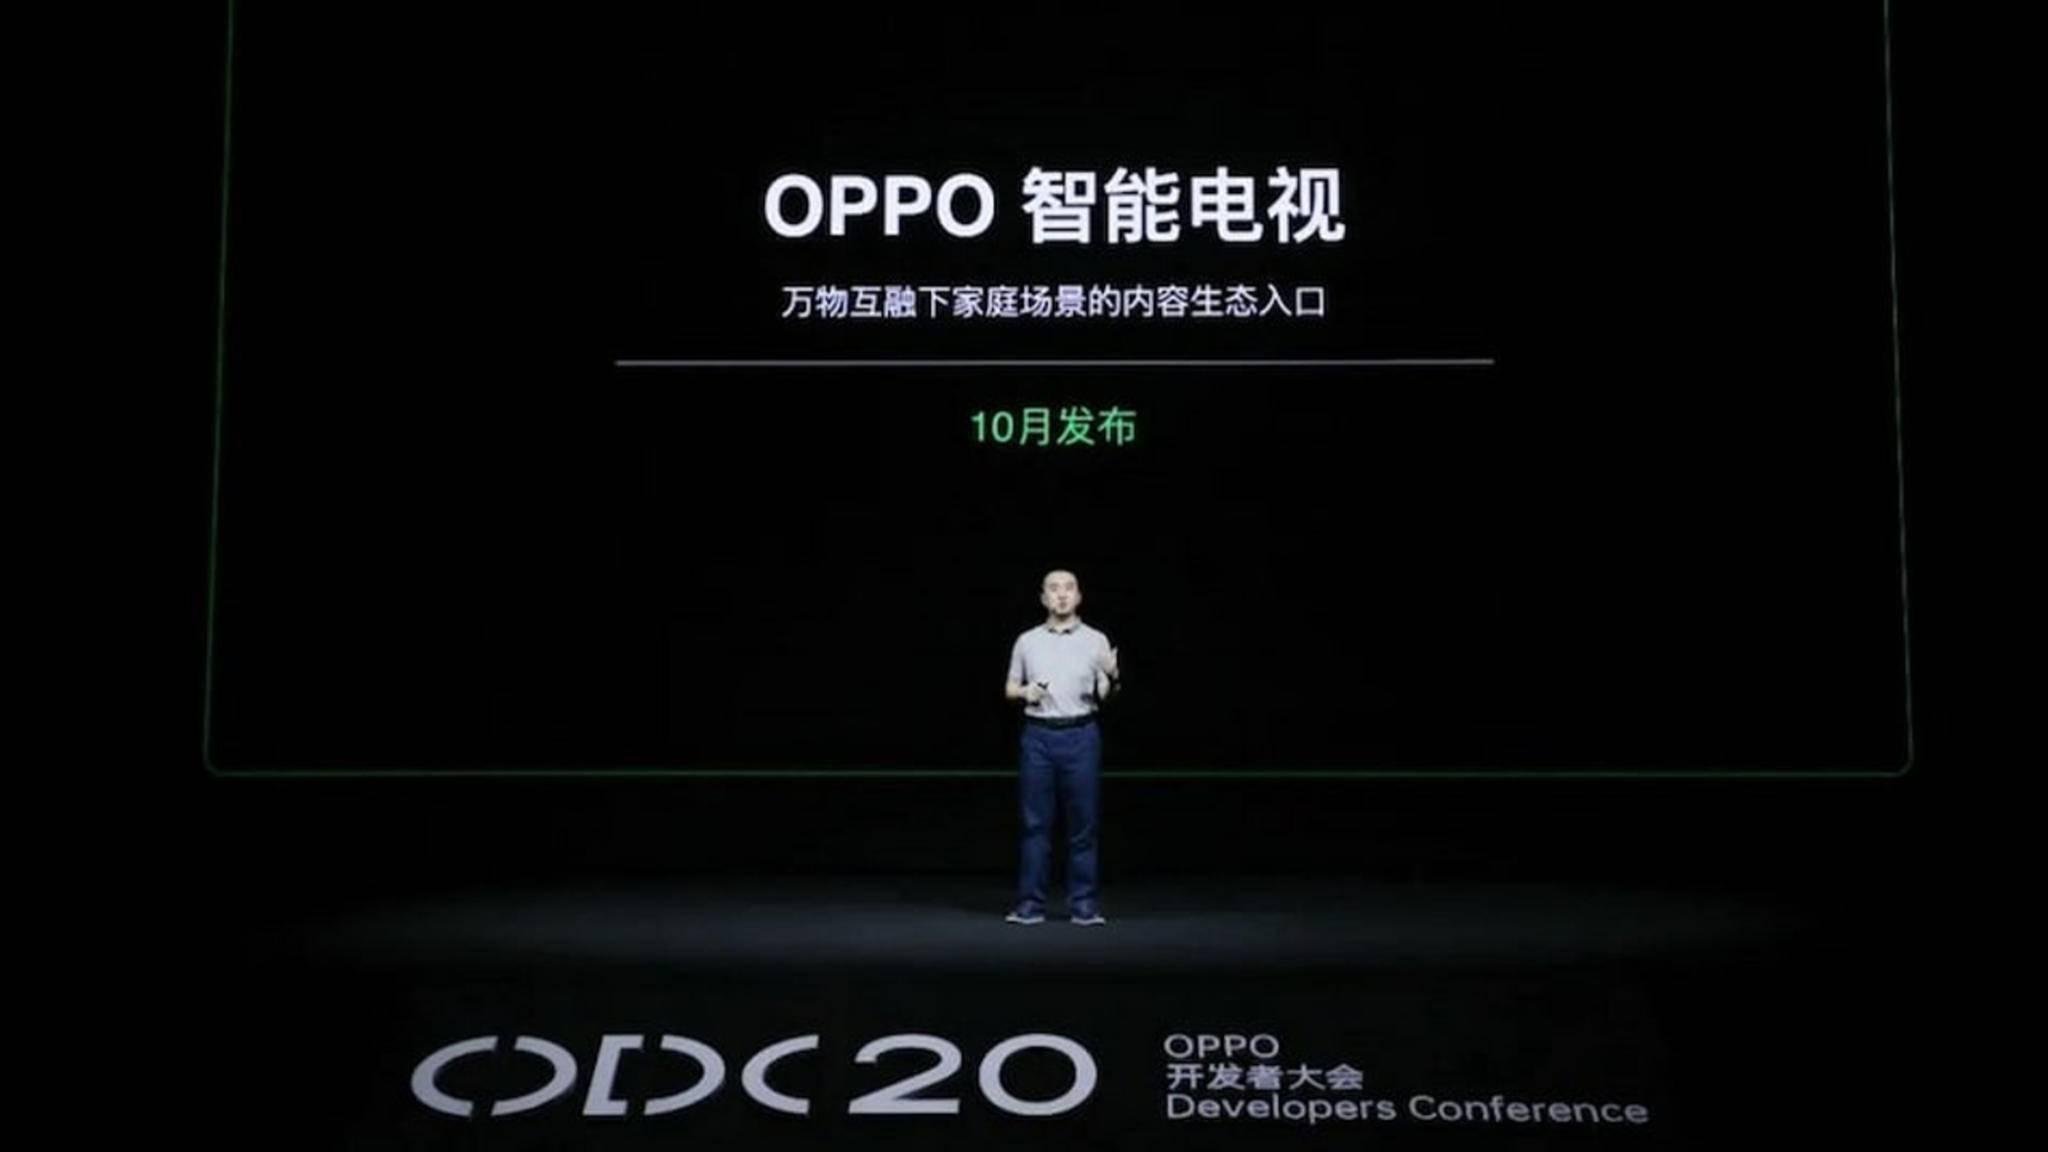 Oppo Smart TV